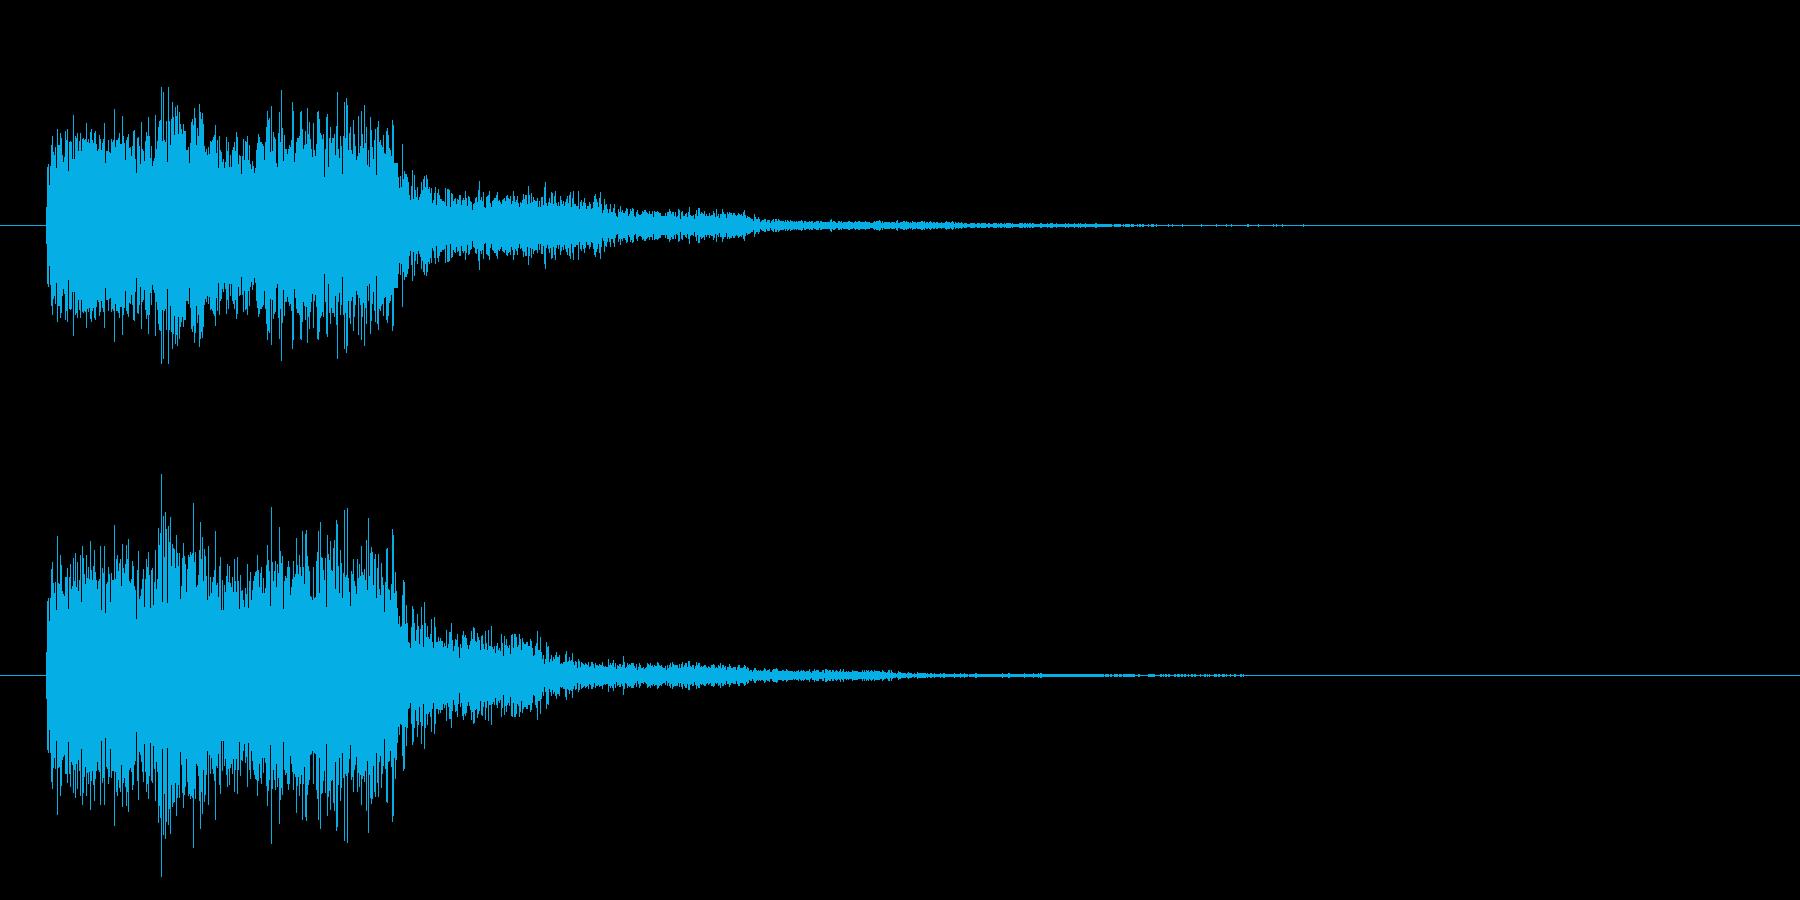 「ウゥーン」ディストーションGスライド音の再生済みの波形